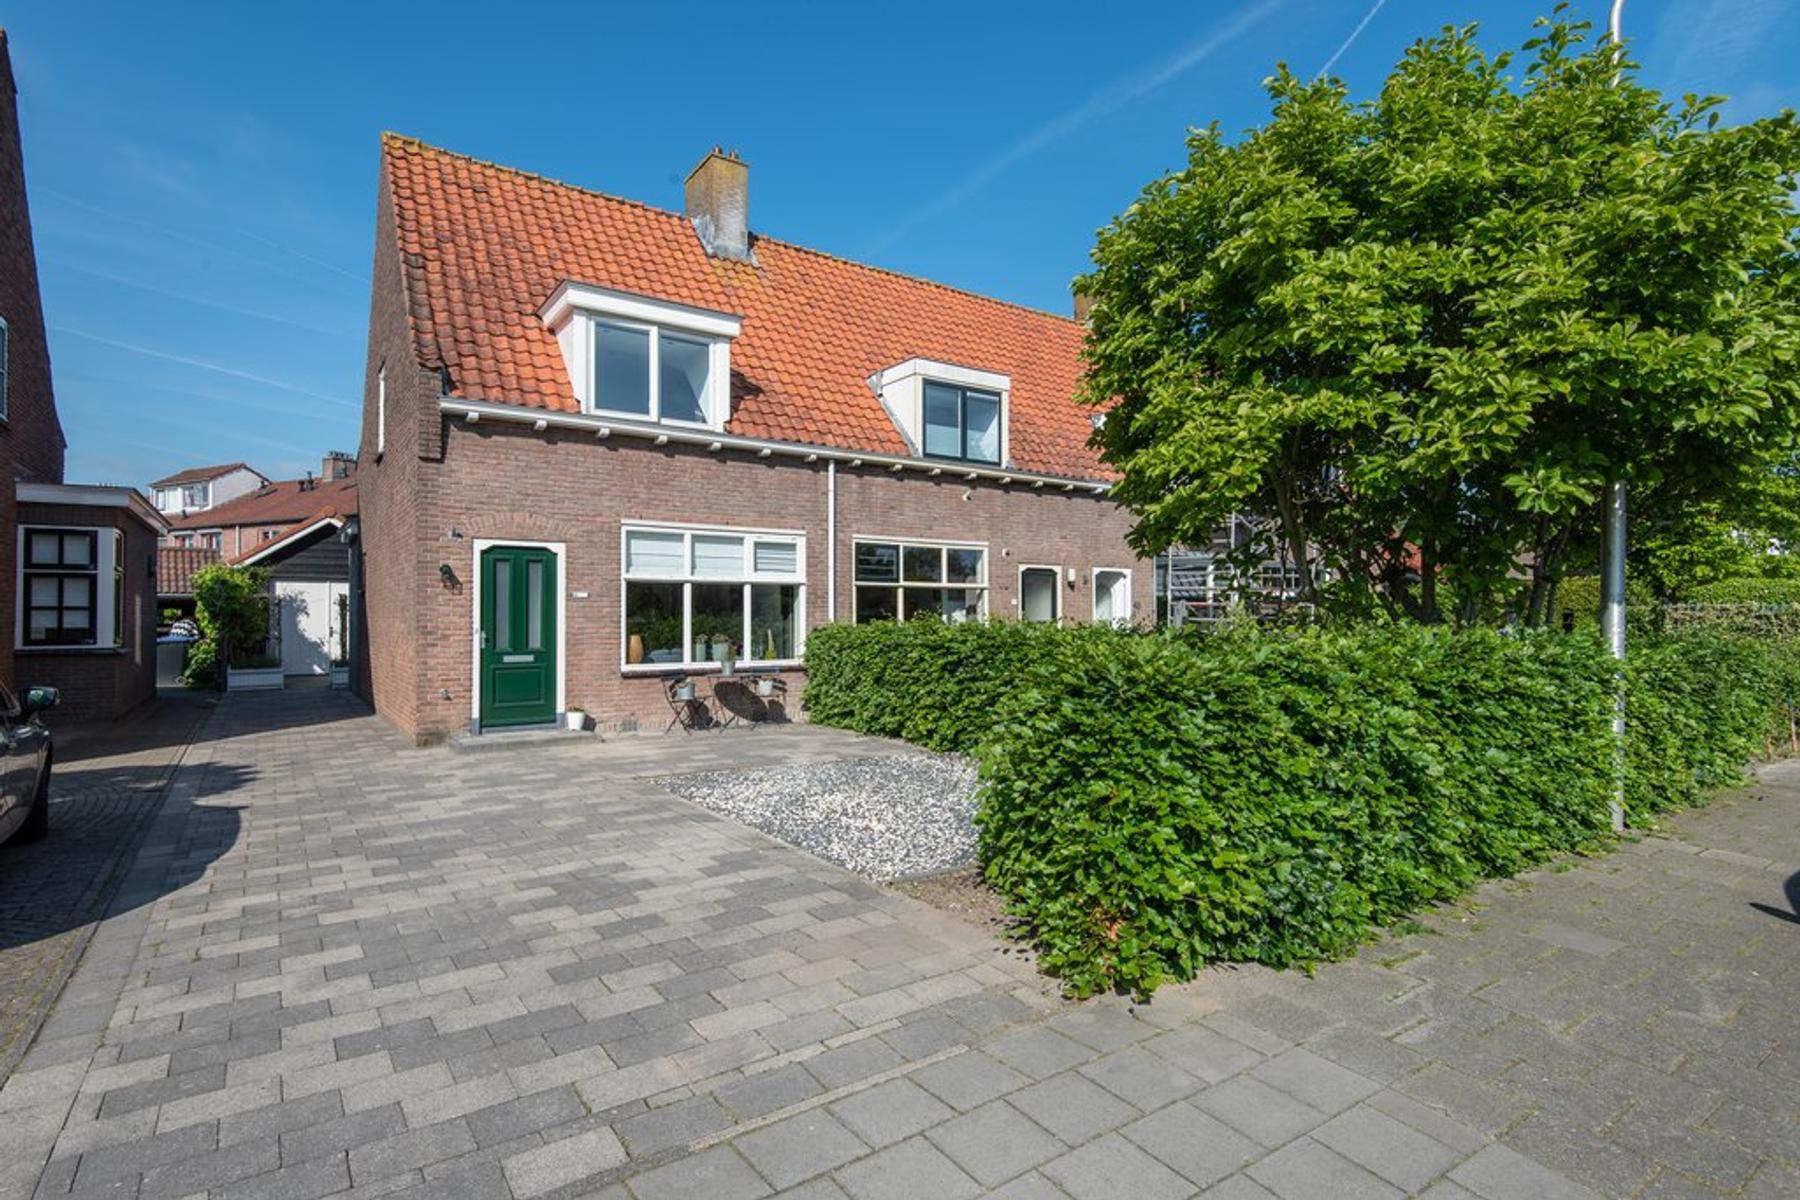 Prinses Marijkeweg 39 in Meerkerk 4231 BR